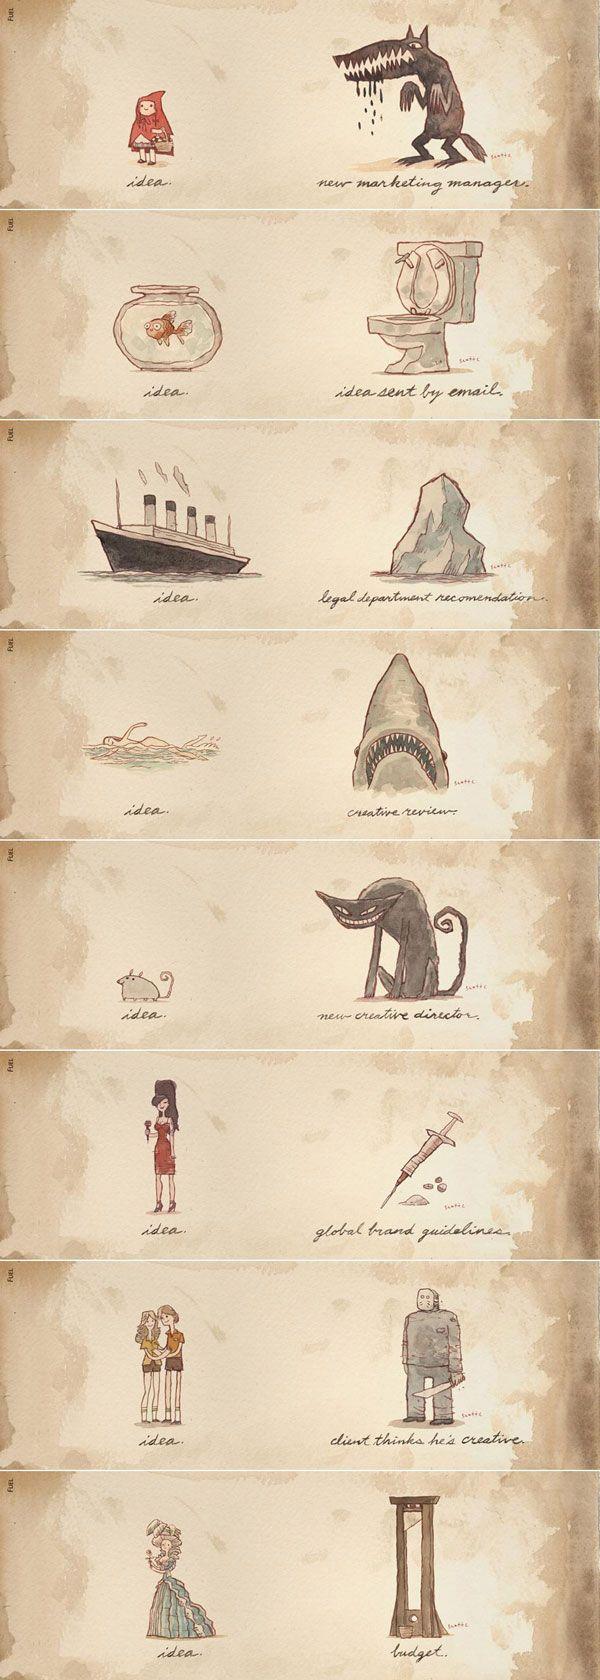 how to kill an idea by Scott C. :)